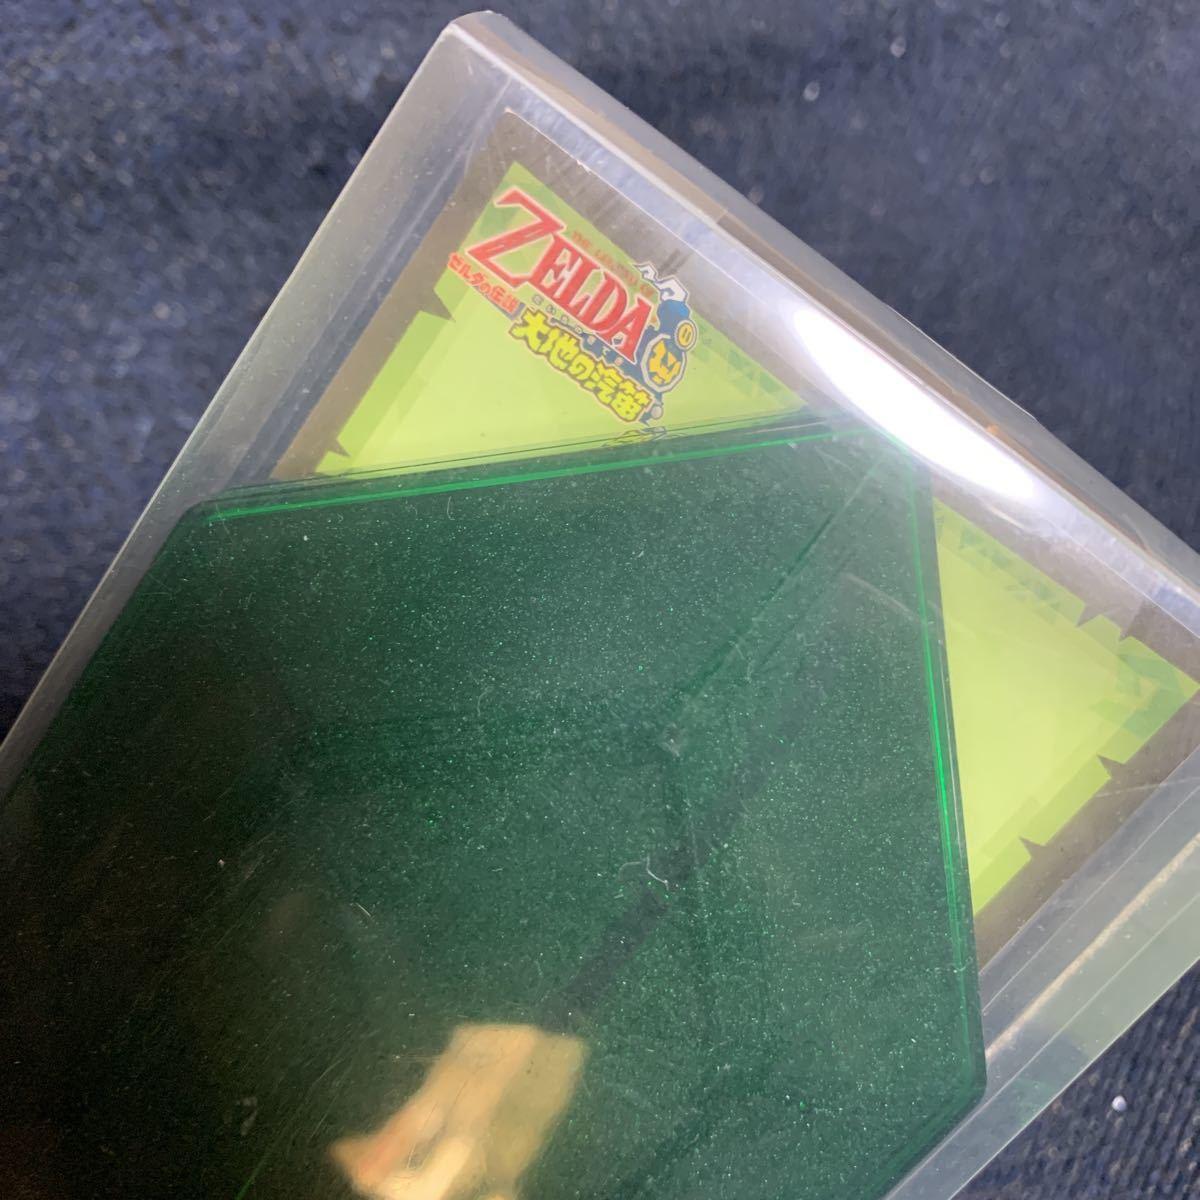 ゼルダの伝説 羽根ペン型 オリジナル透明タッチペン 大地の汽笛 ニンテンドーDS 任天堂 ルピー 型ケース入り_画像5